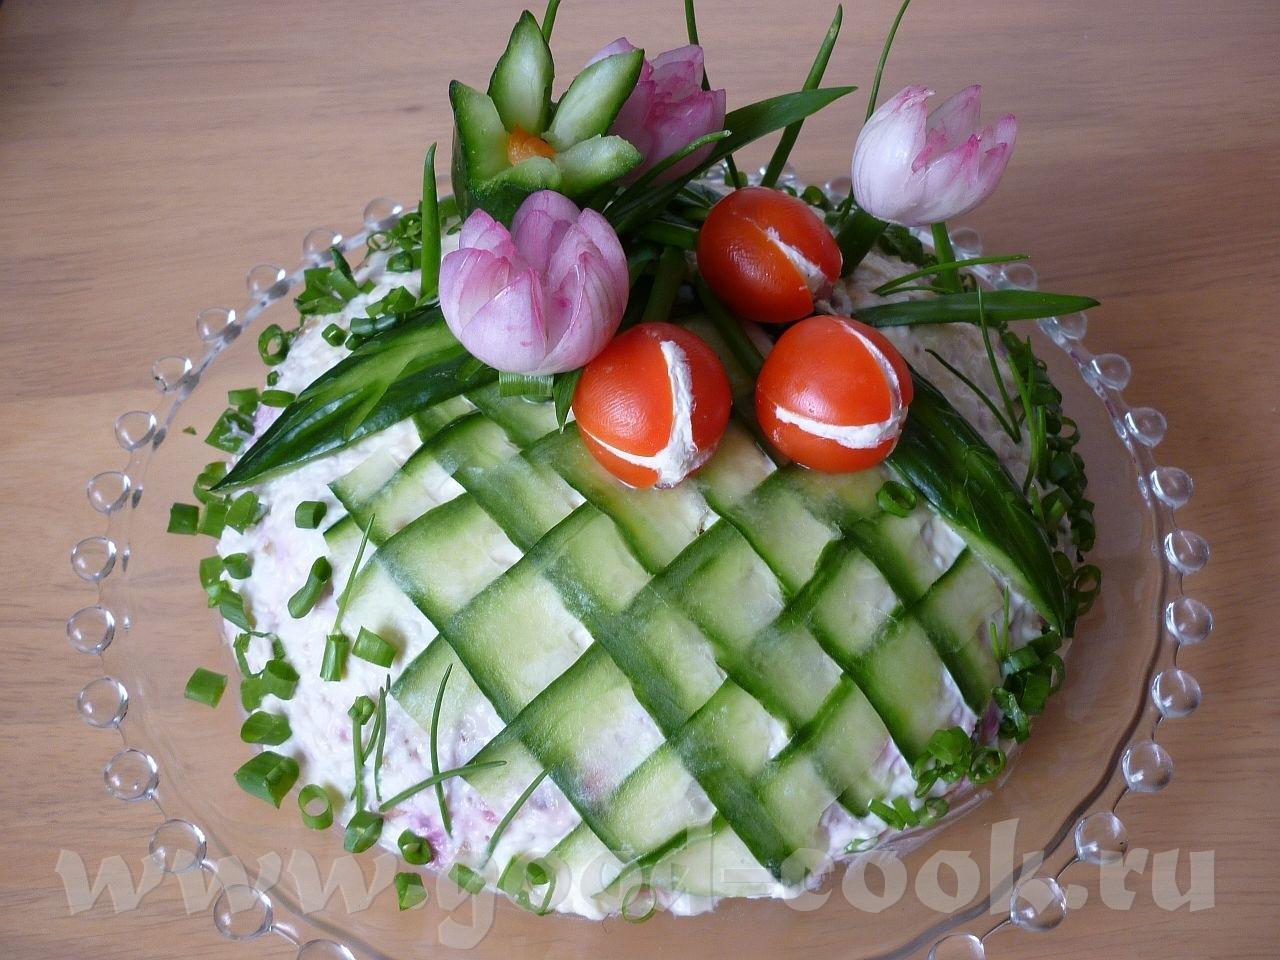 Фото оформления салатов на свадьбу